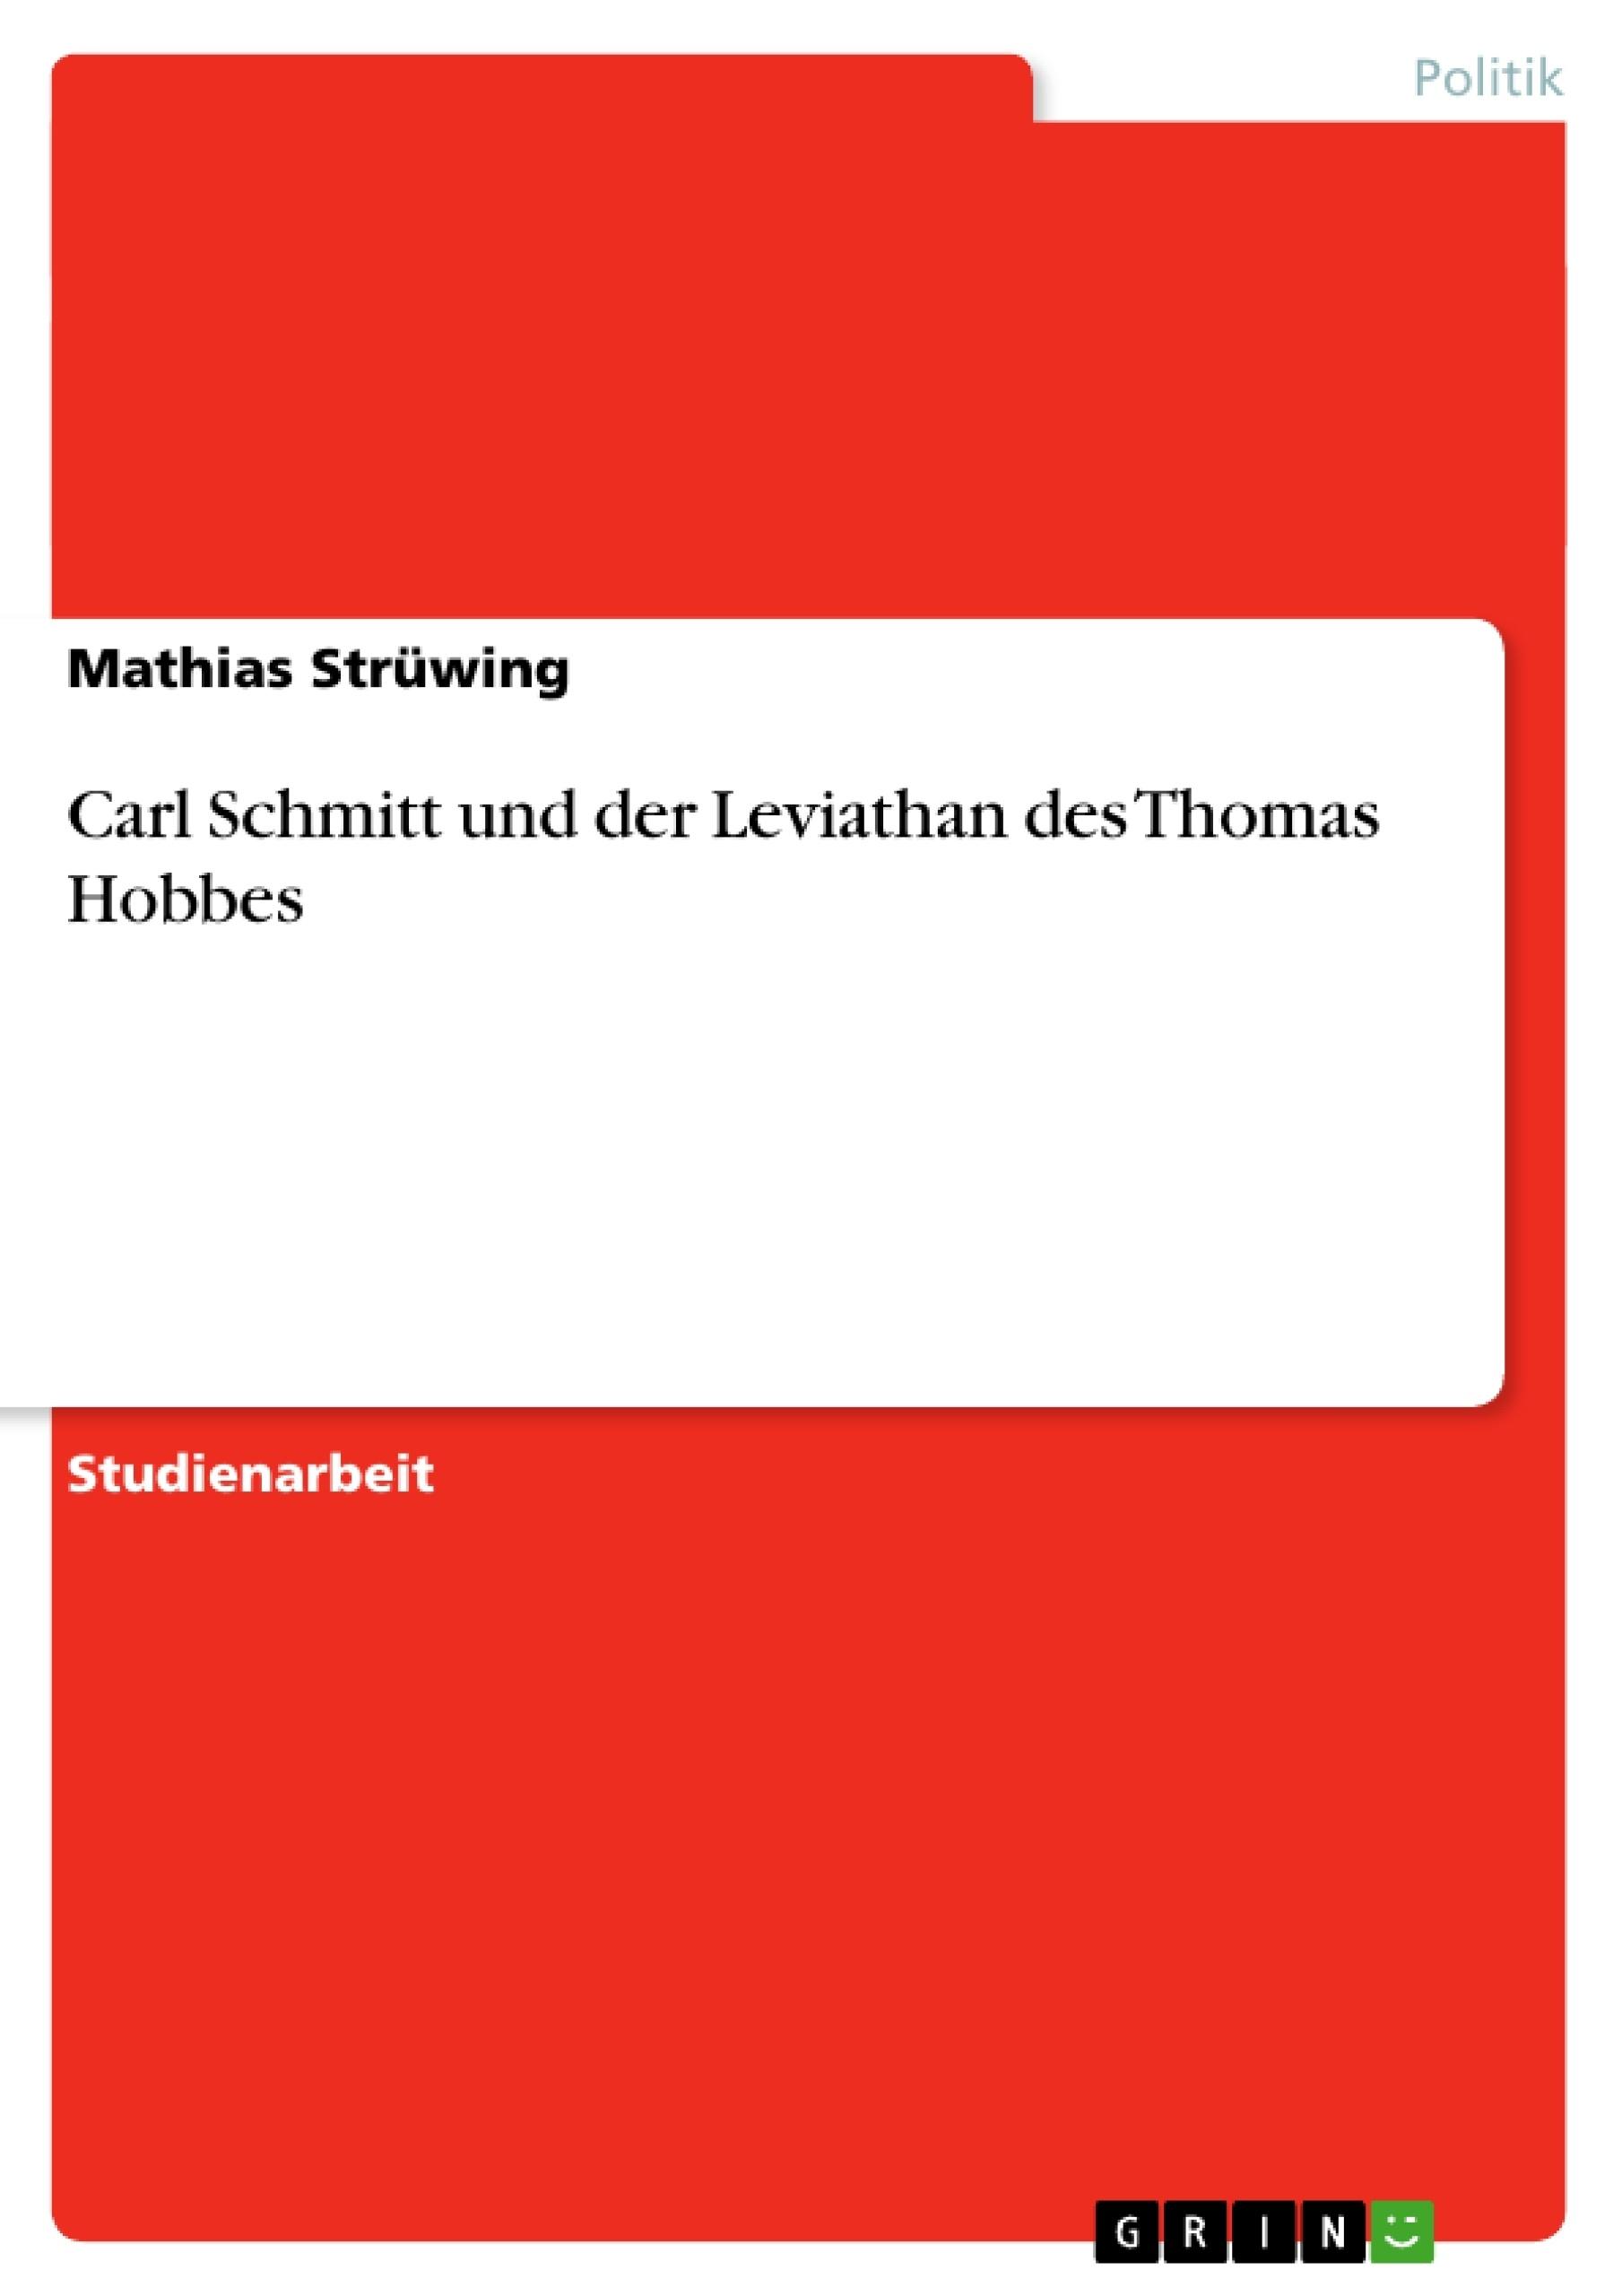 Titel: Carl Schmitt und der Leviathan des Thomas Hobbes